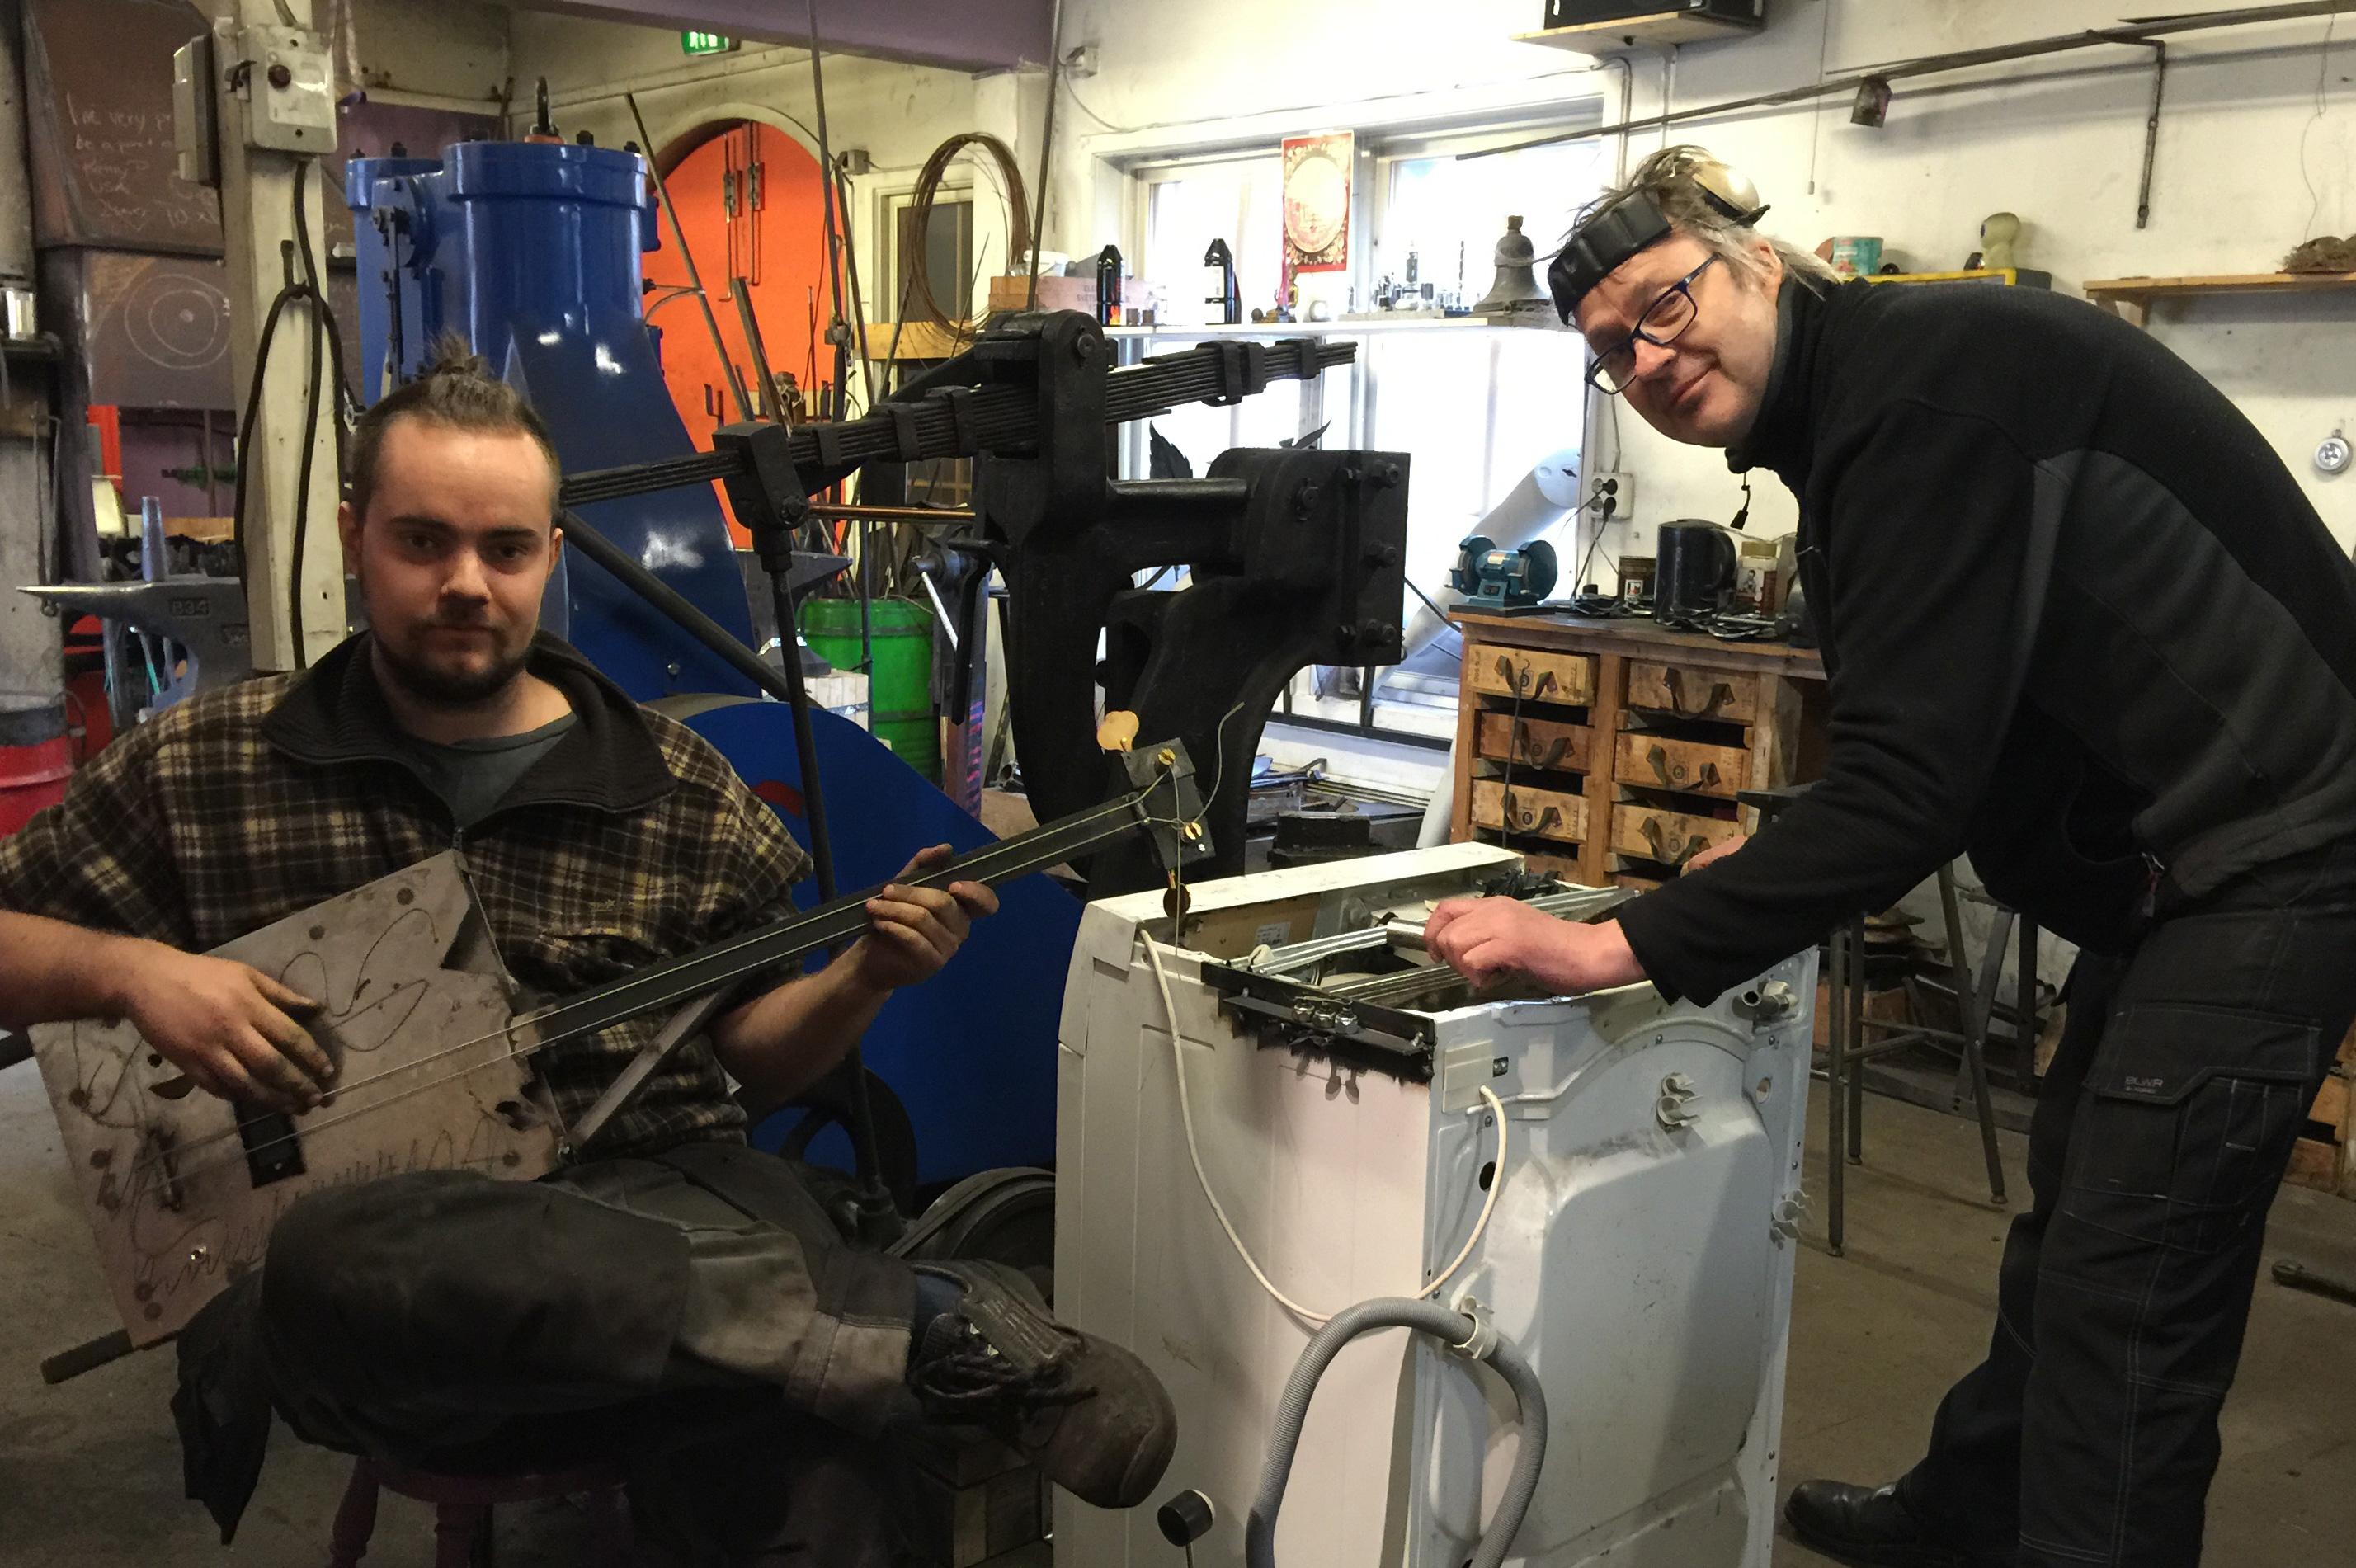 Det blir tid til litt klimpring på selvlagde instrumenter for smedlærling Martin i lære hos Tobbe Malm på Bærums Verk